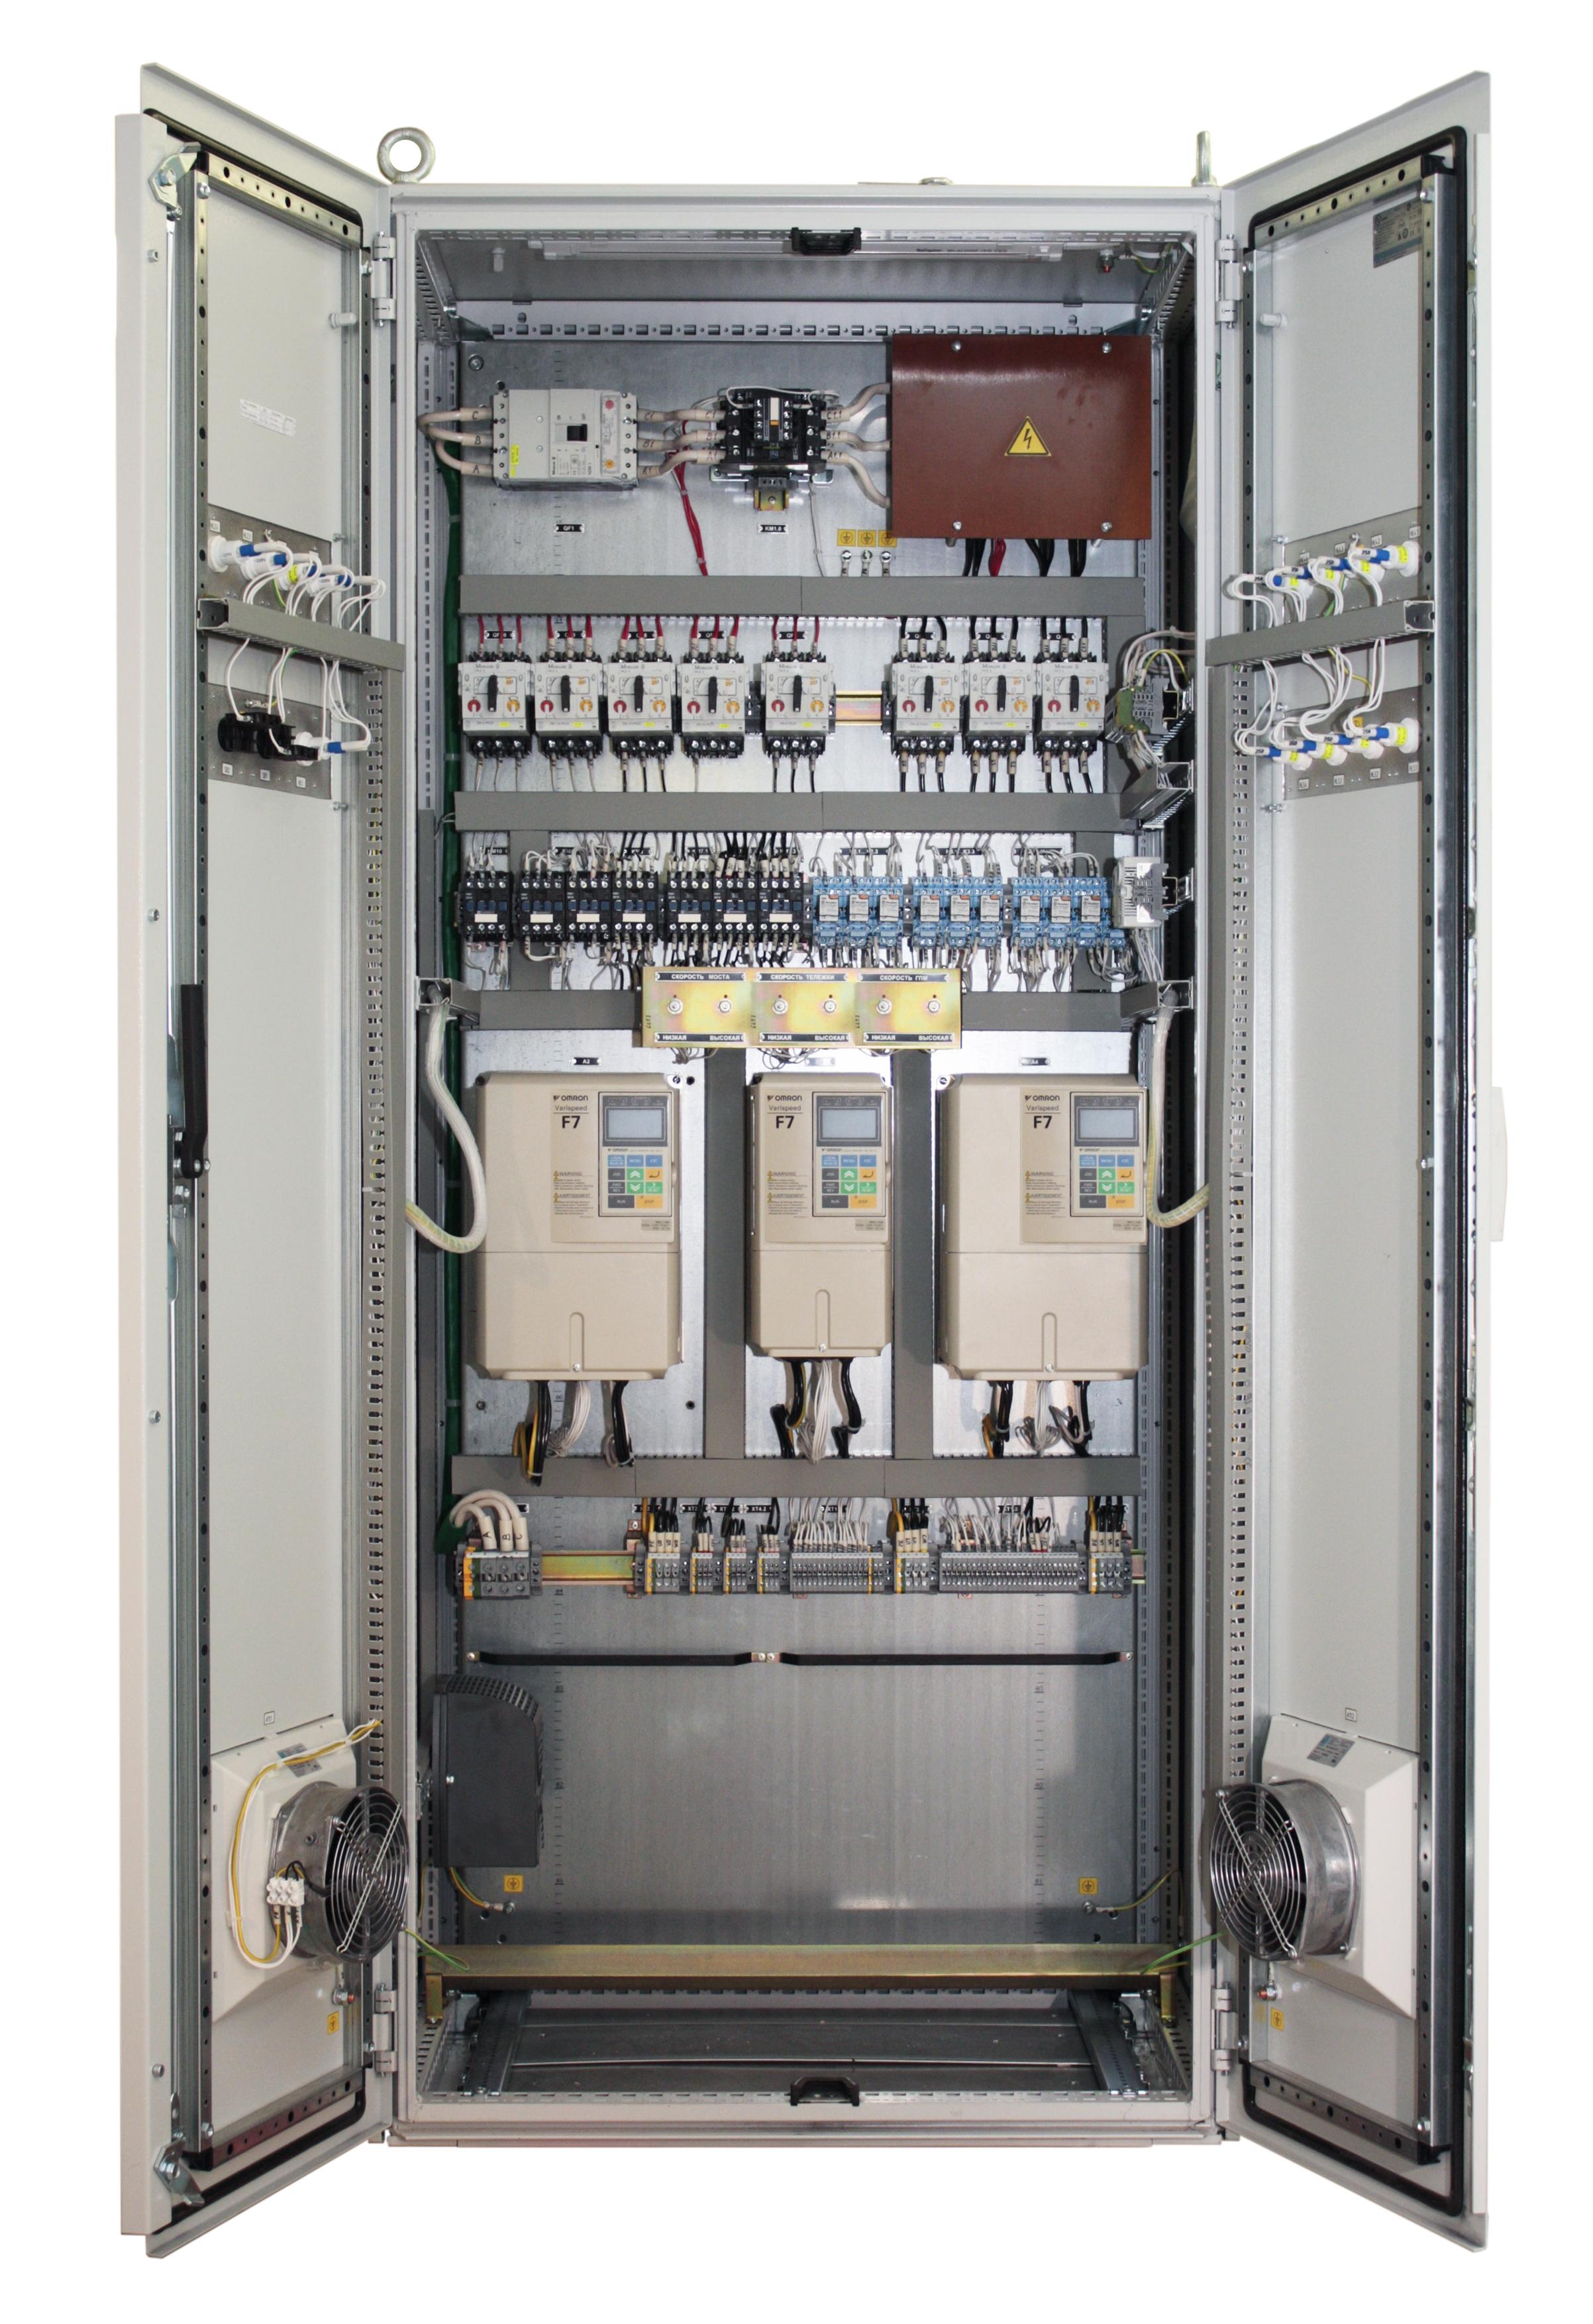 схема управления подъемом экг-10